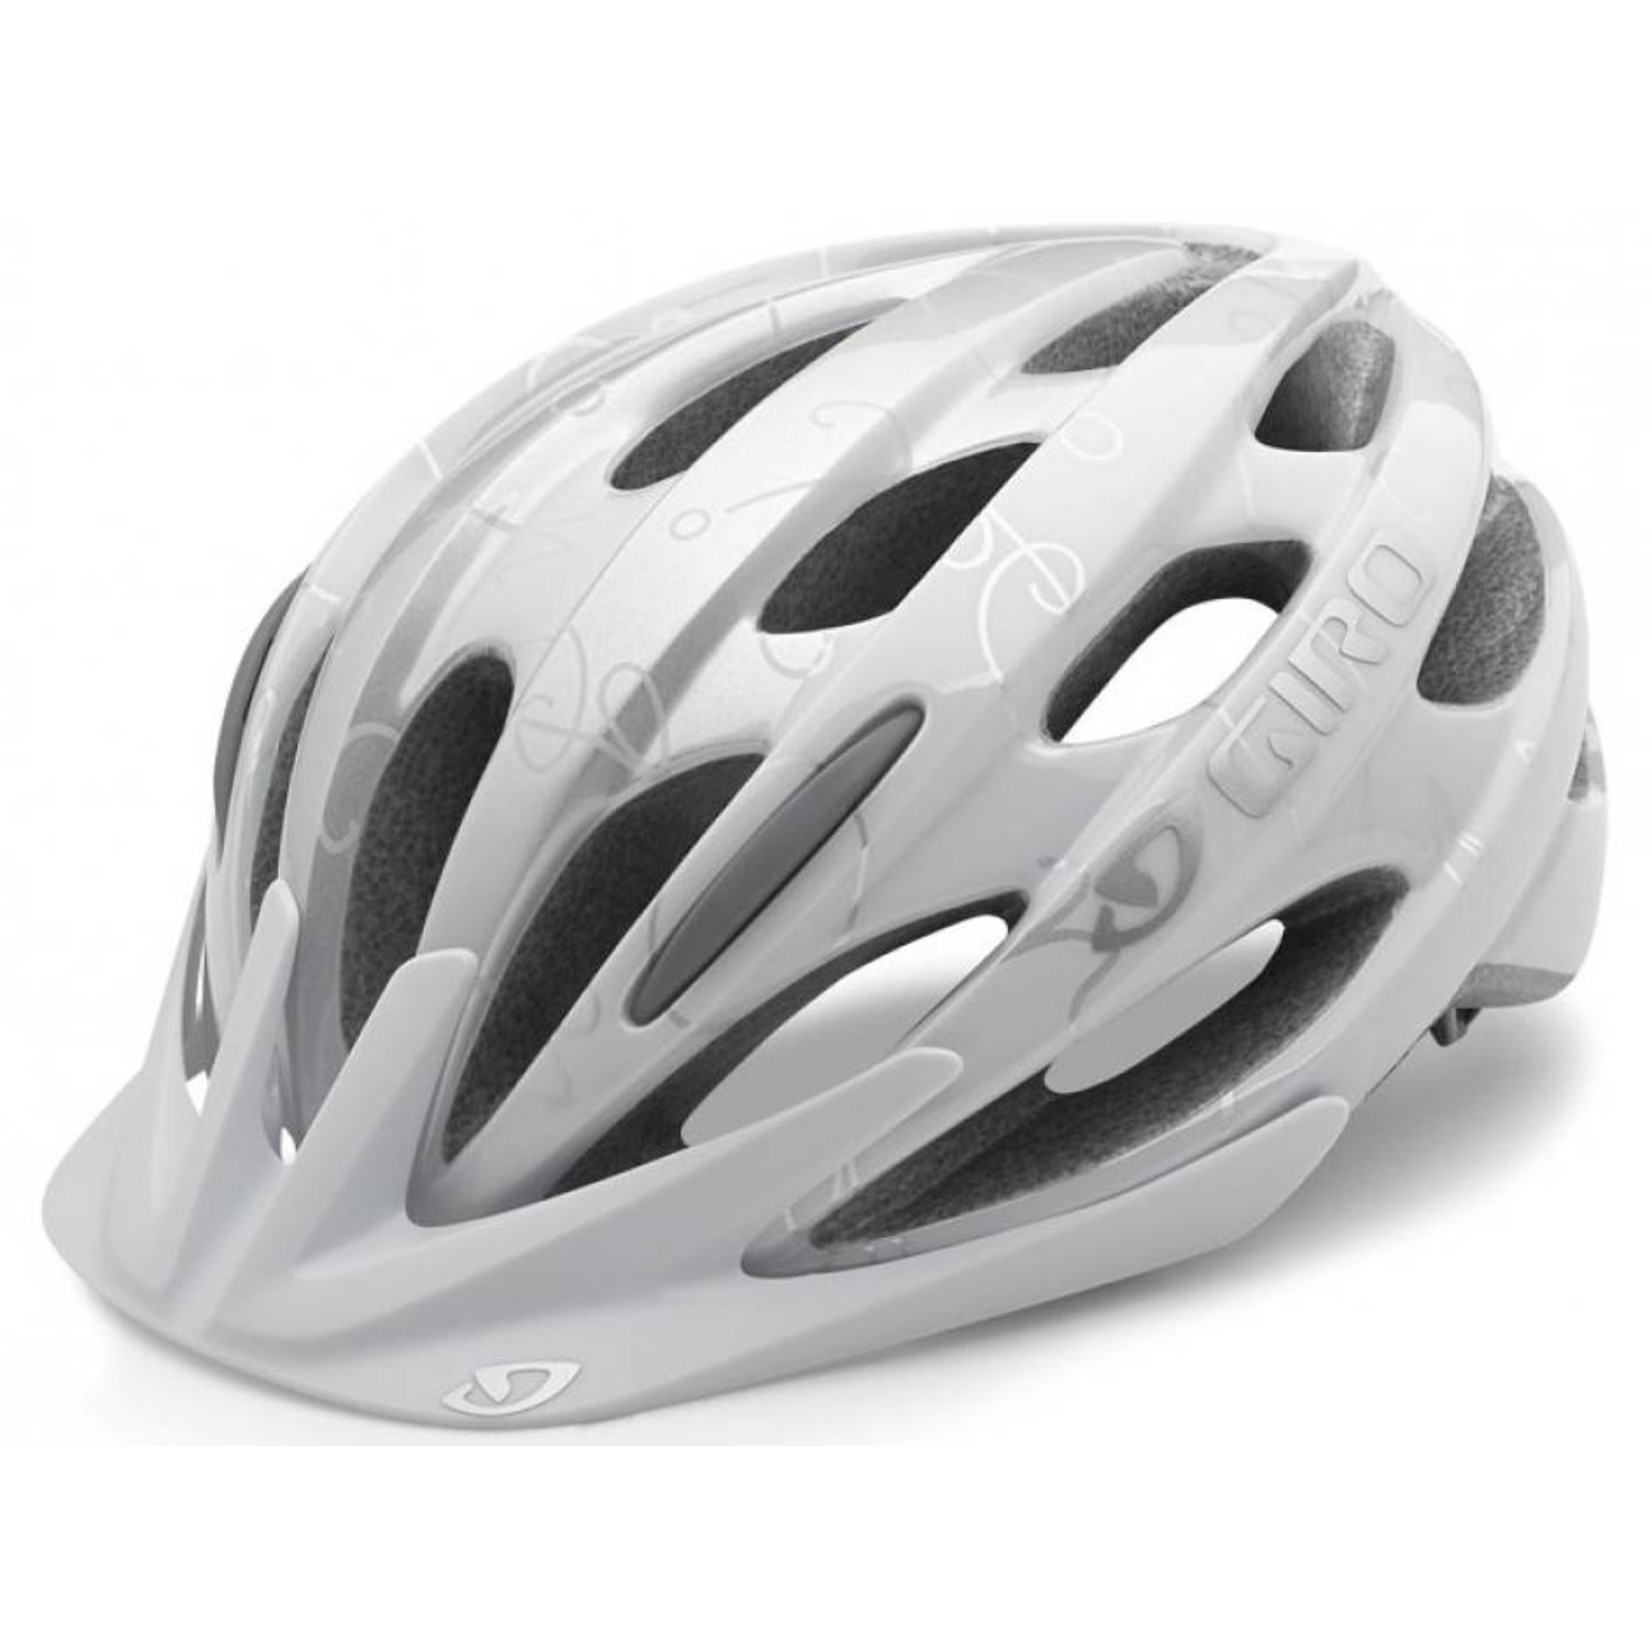 Giro GIRO Verona Helmet - White 50-57